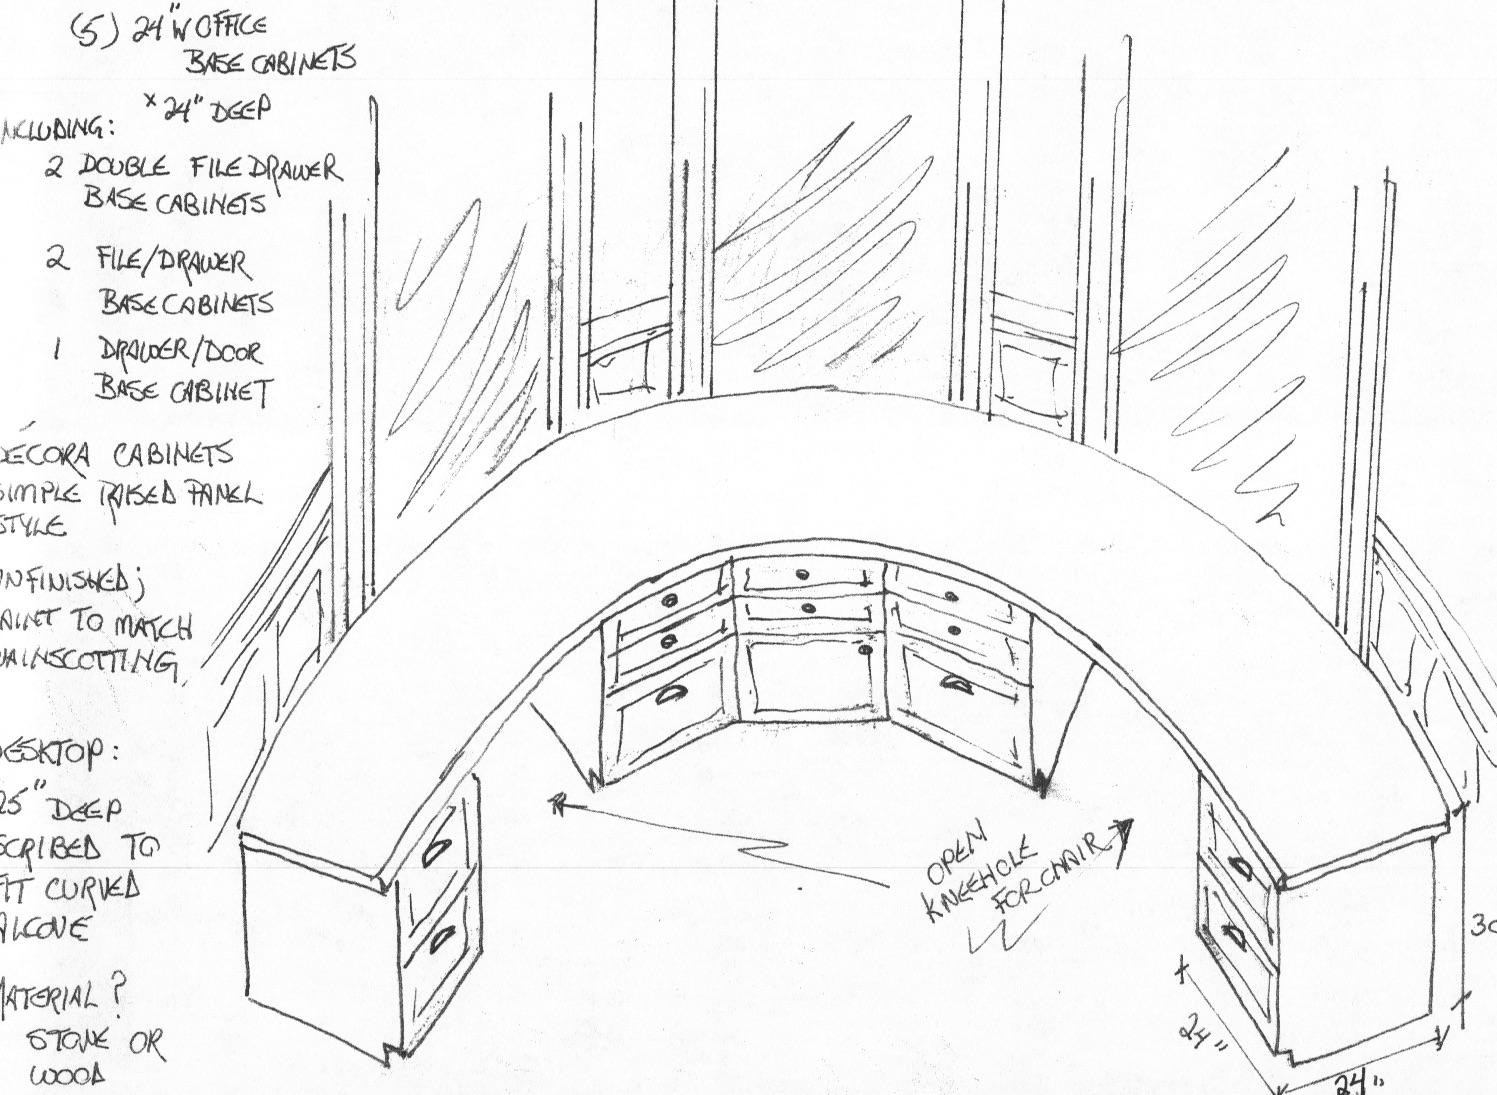 Allister Office desk wall drawings